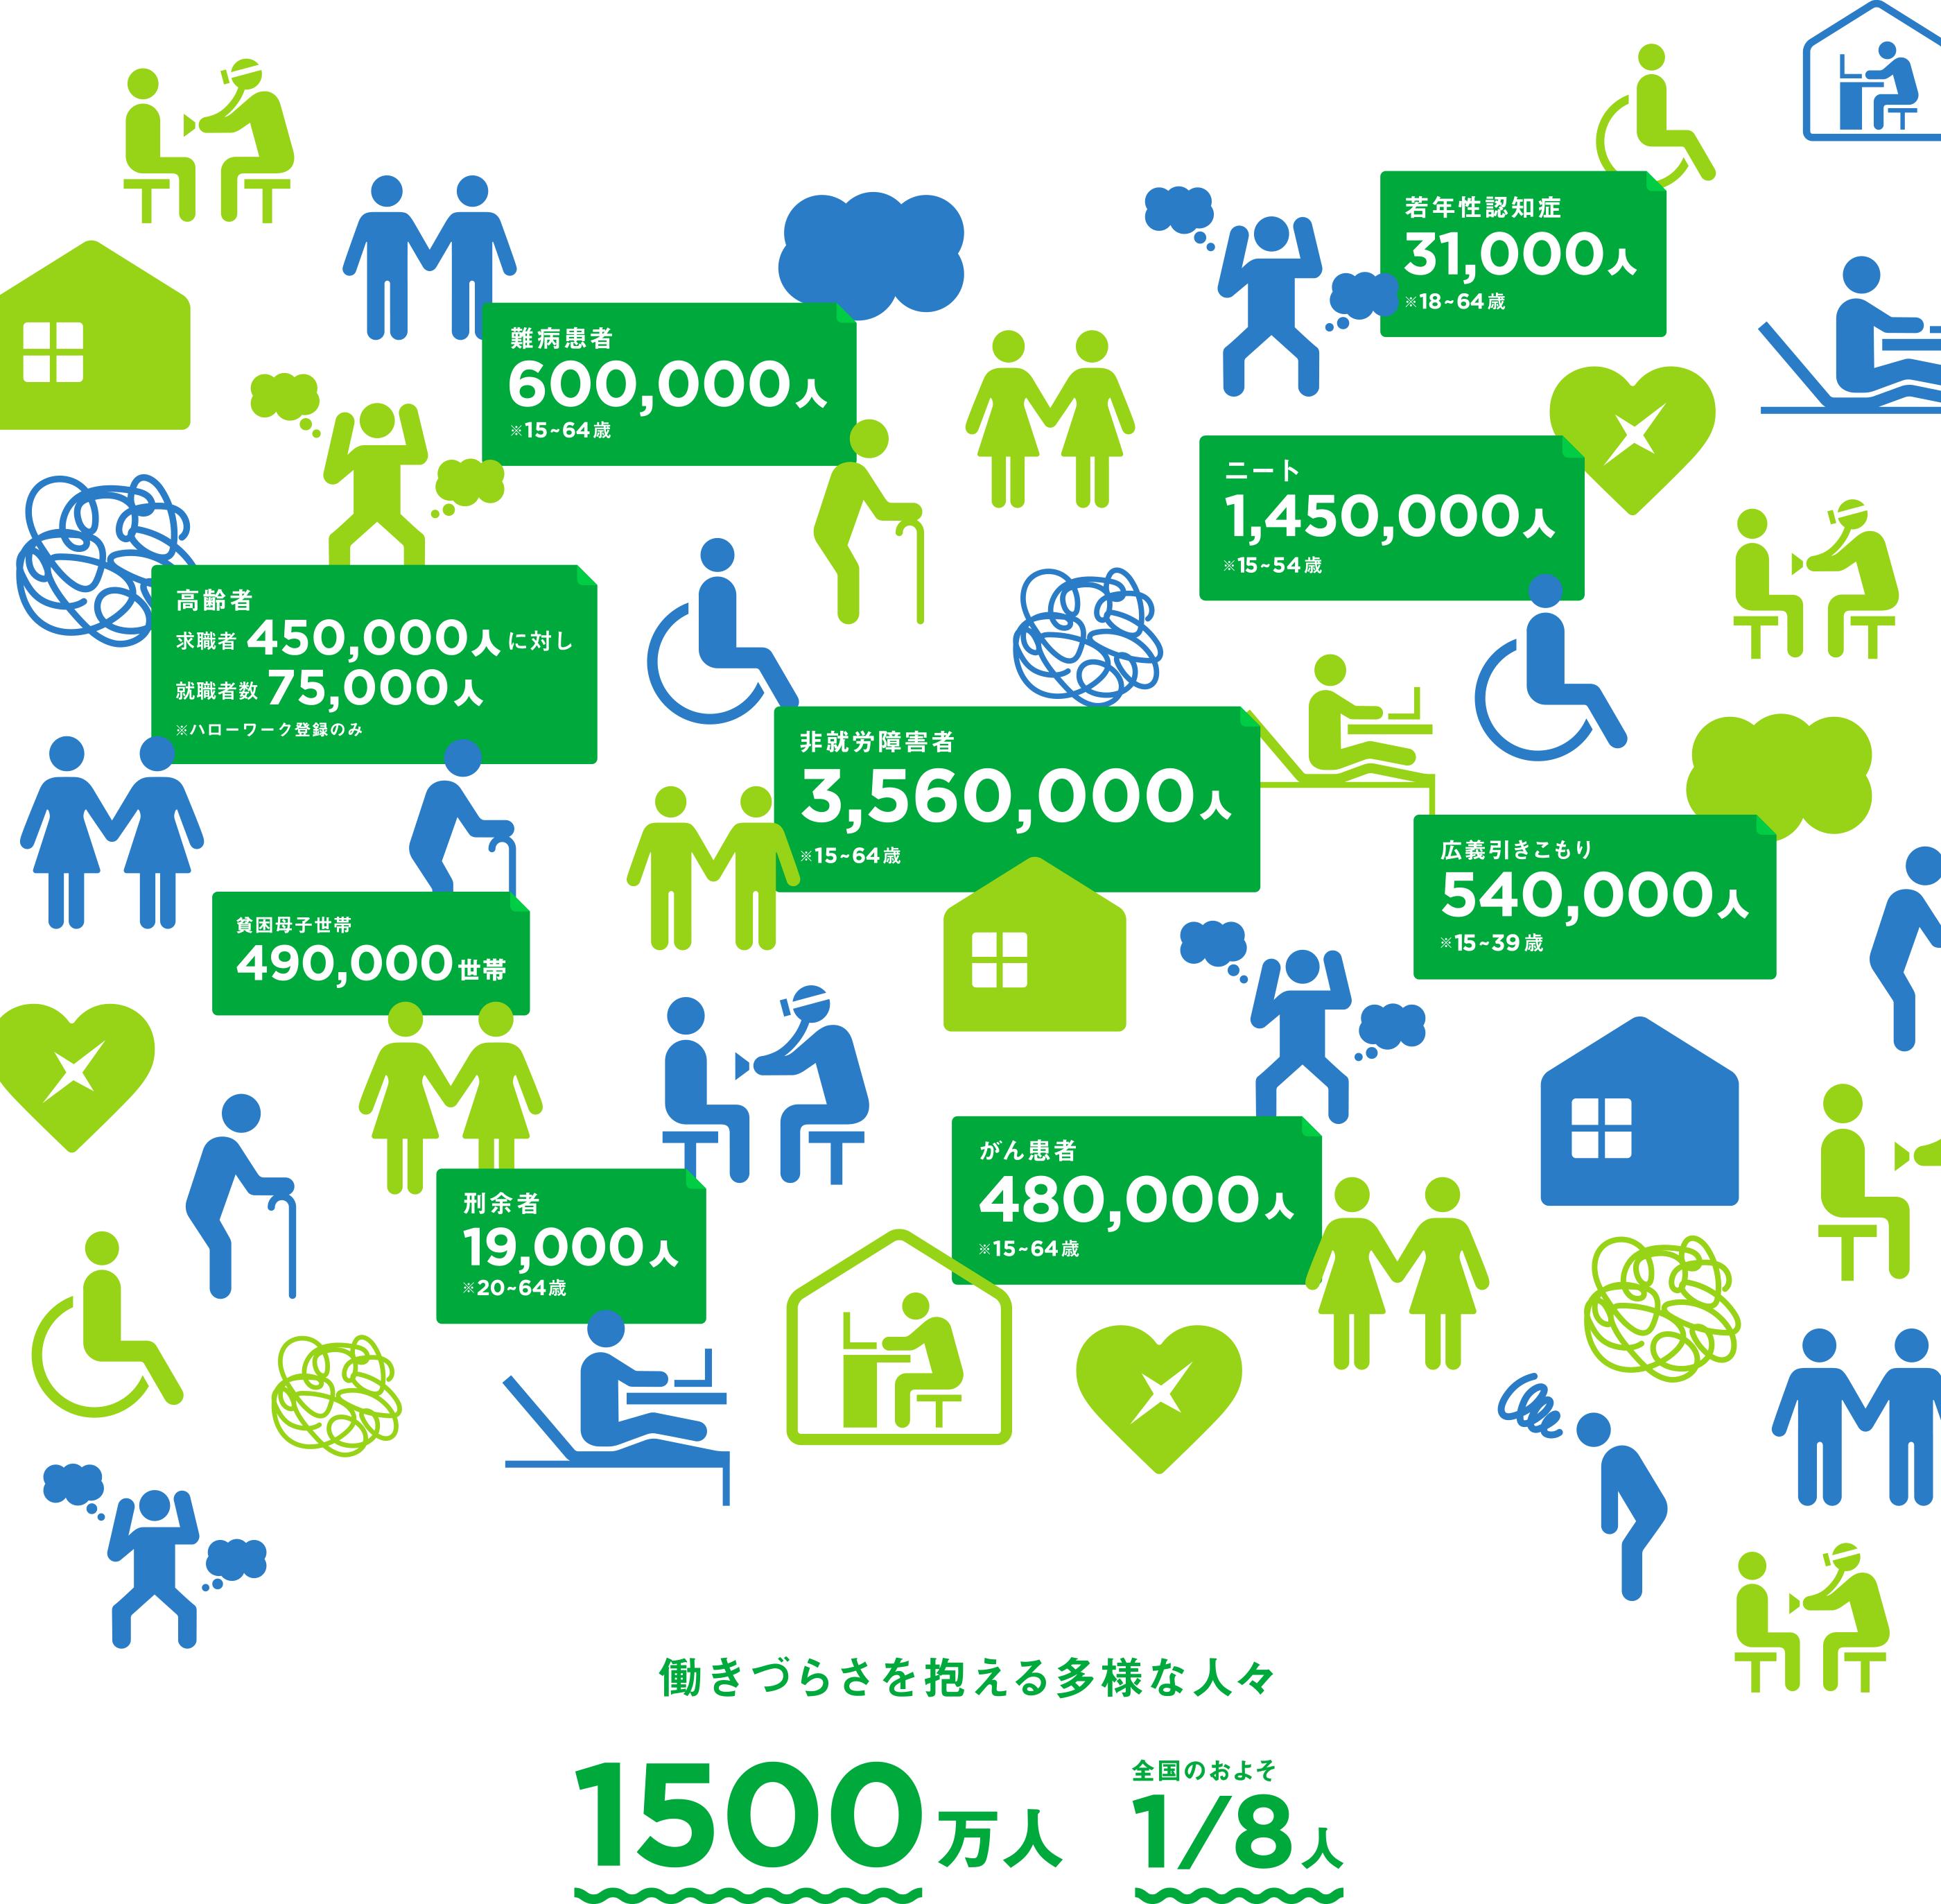 働きづらさを抱える多様な人々、1500万人(全国のおよそ1/8人)